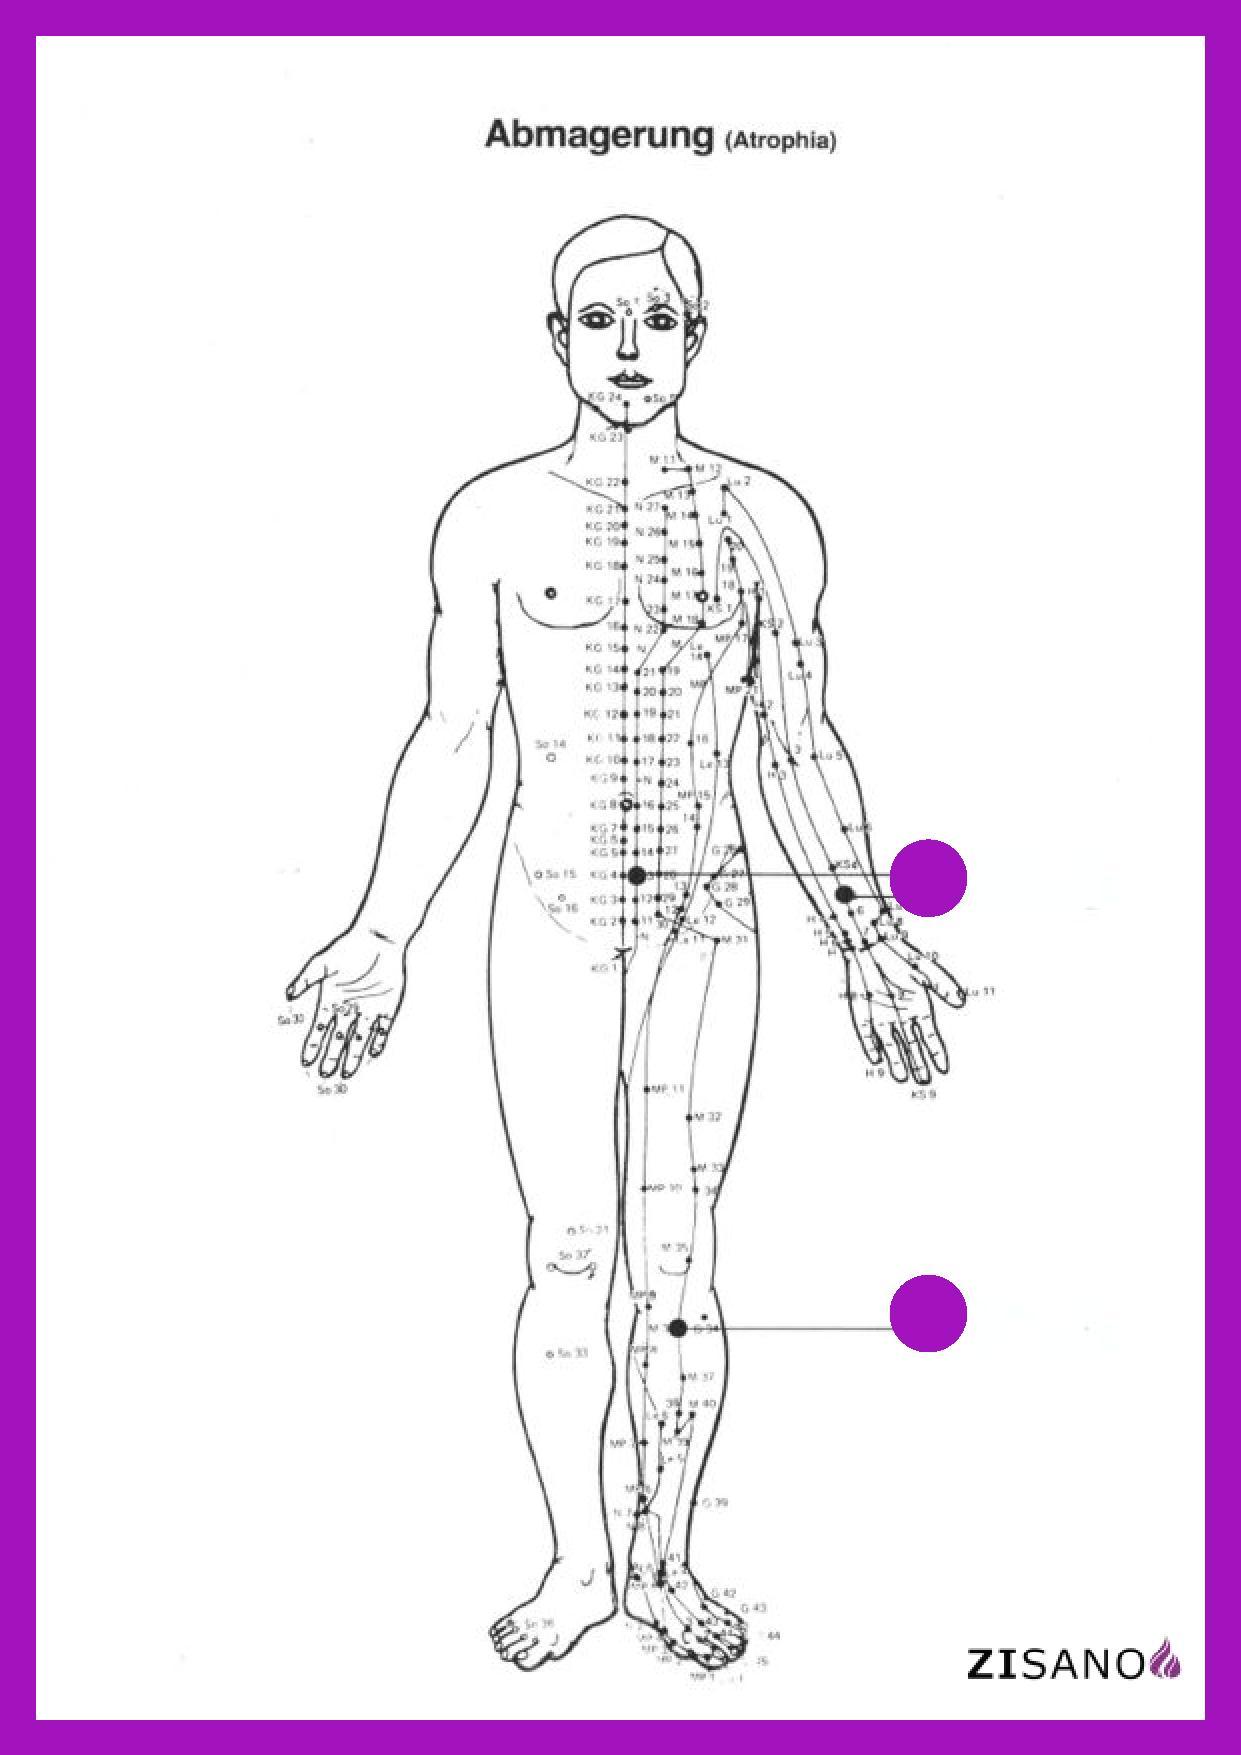 Unter Abmagerung oder Inanition versteht man eine Reduktion des Körpergewichts auf unter 80 % des Normalgewichts.